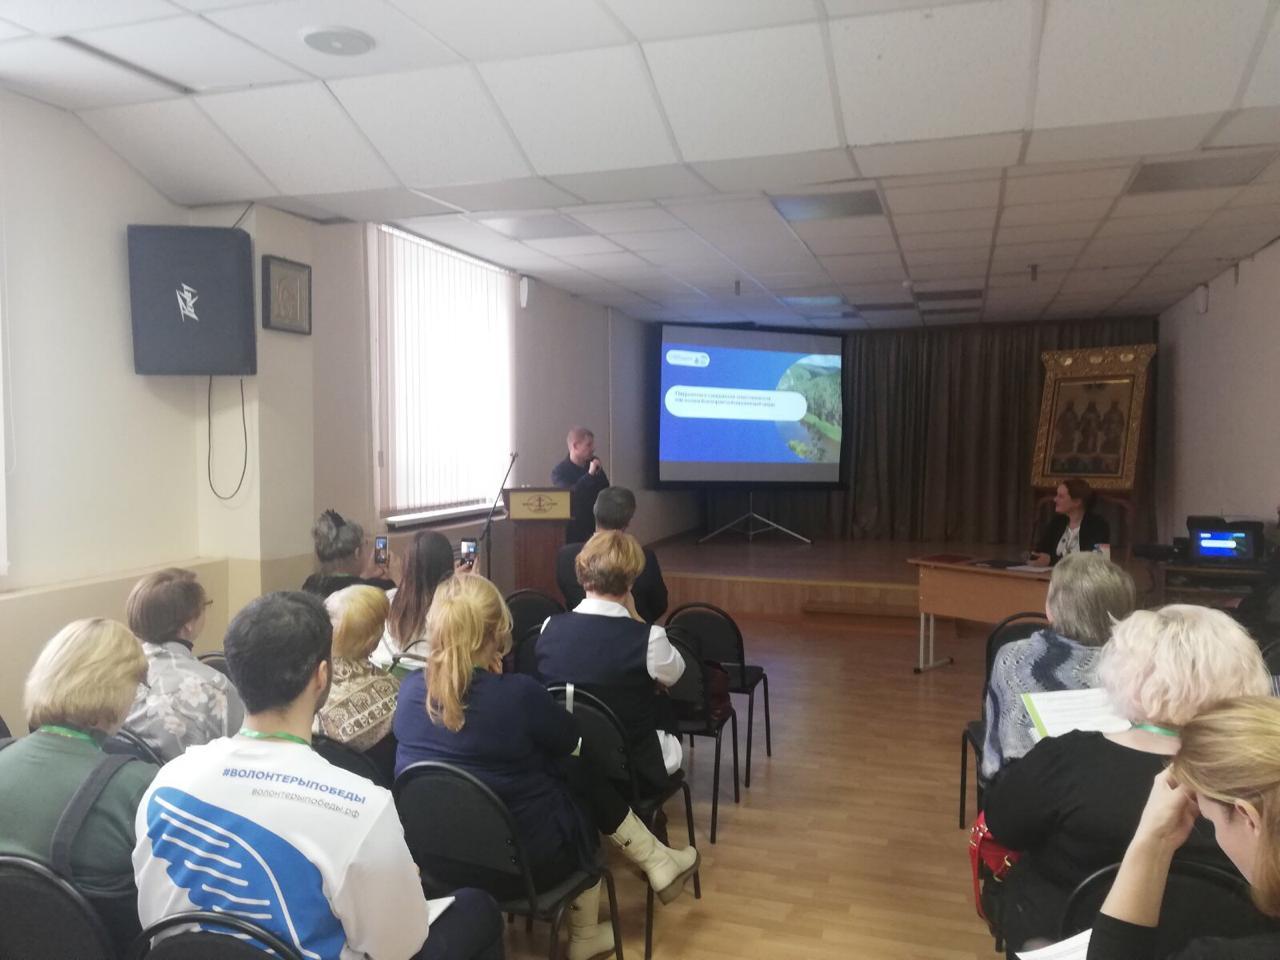 Лекция Патриотизм и гражданская ответственность как основа благоприятной окружающей среды в Пермской духовной семинарии